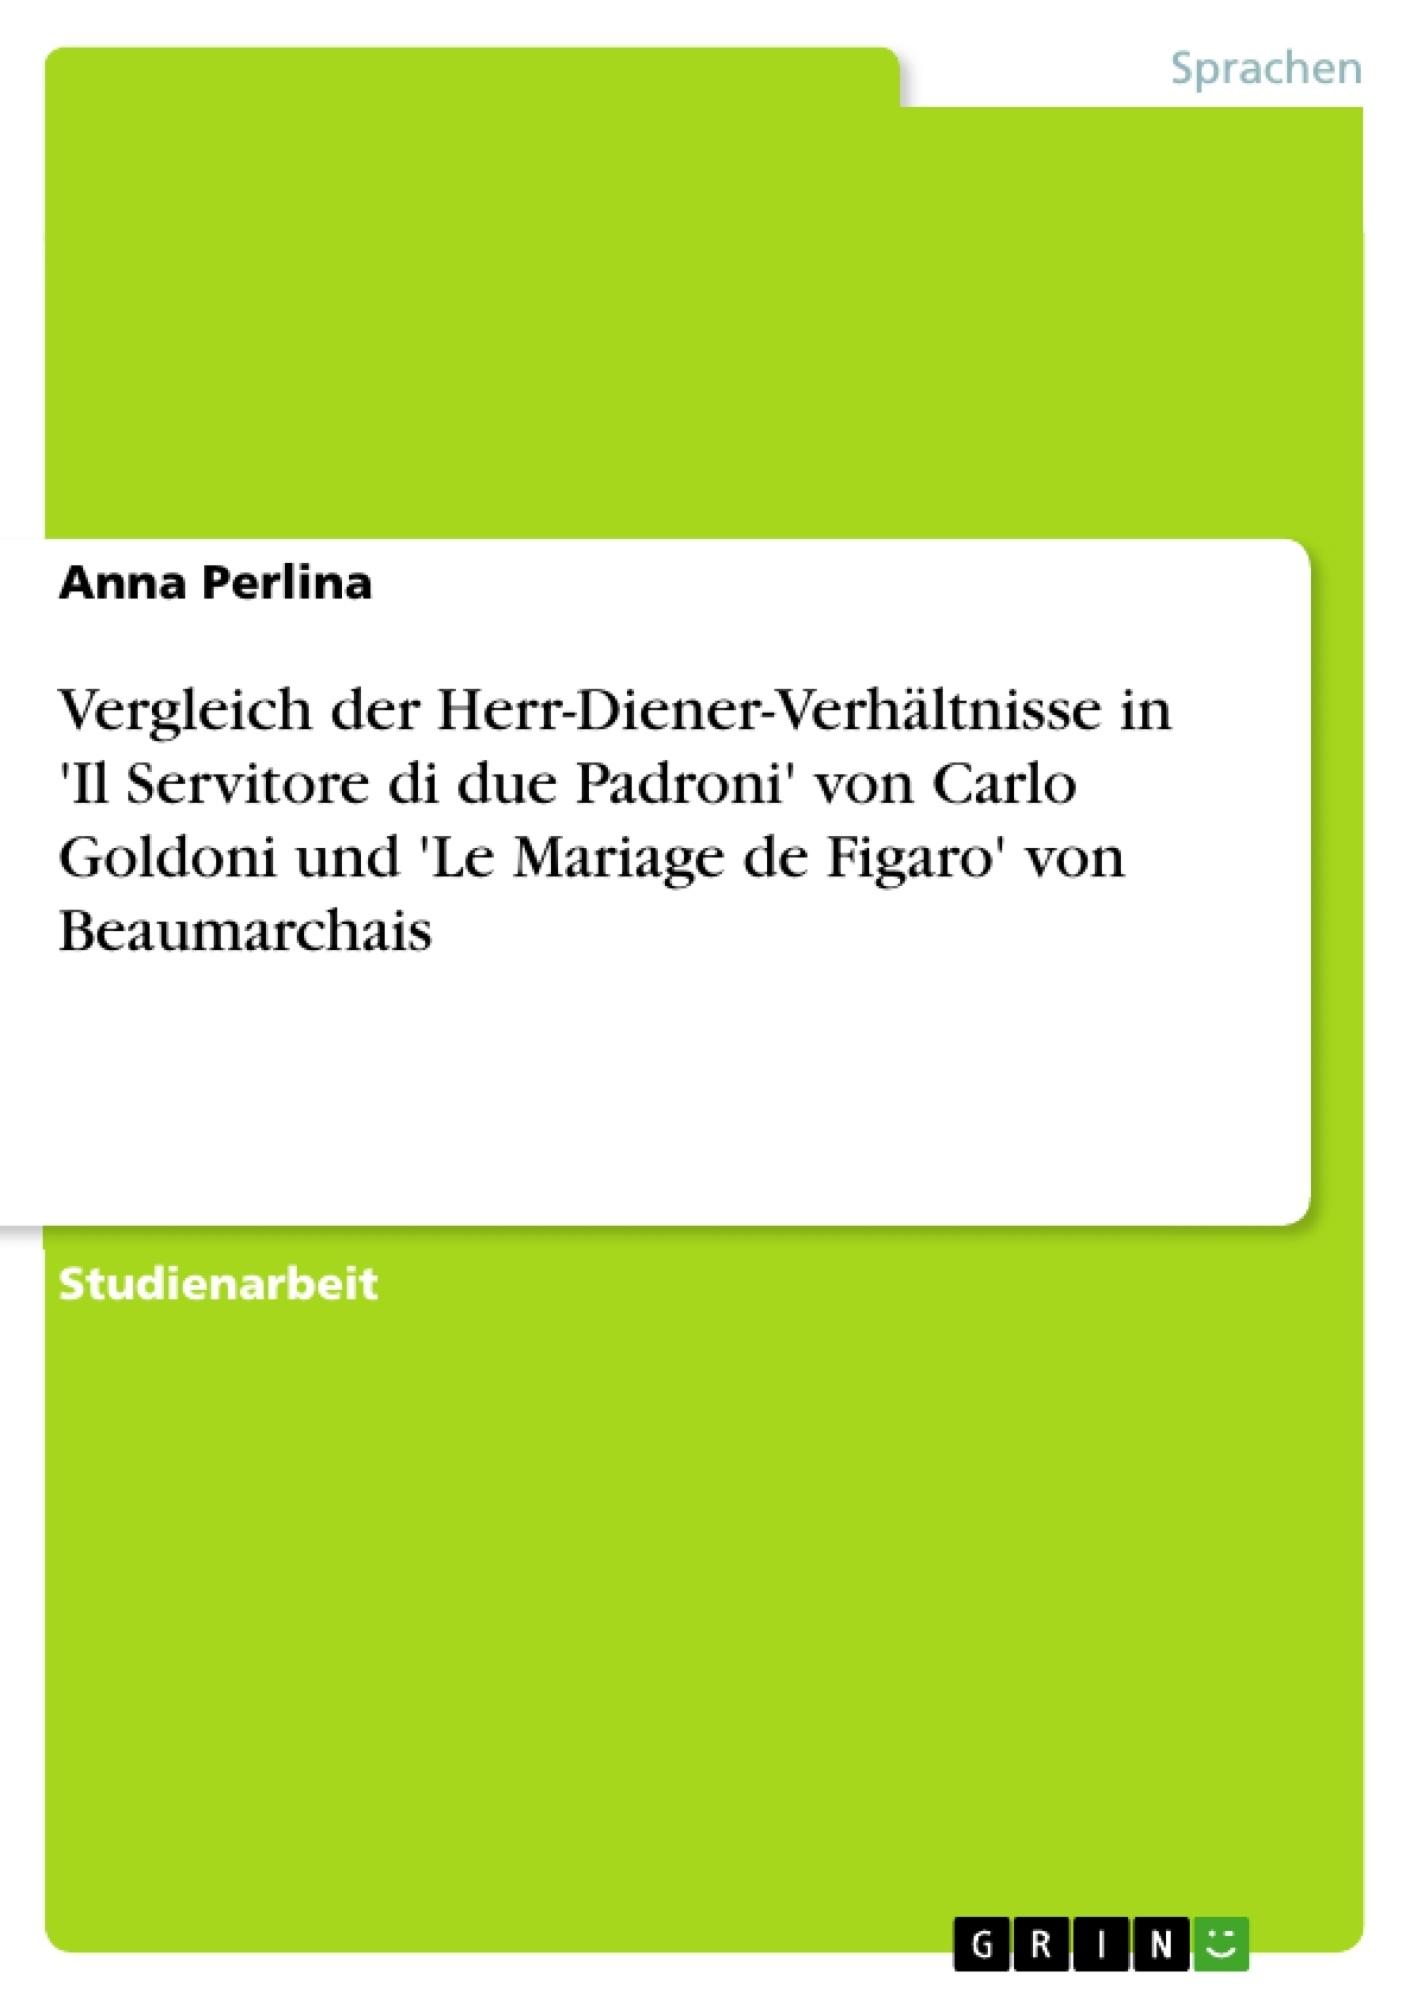 Titel: Vergleich der Herr-Diener-Verhältnisse in 'Il Servitore di due Padroni' von Carlo Goldoni und 'Le Mariage de Figaro' von Beaumarchais